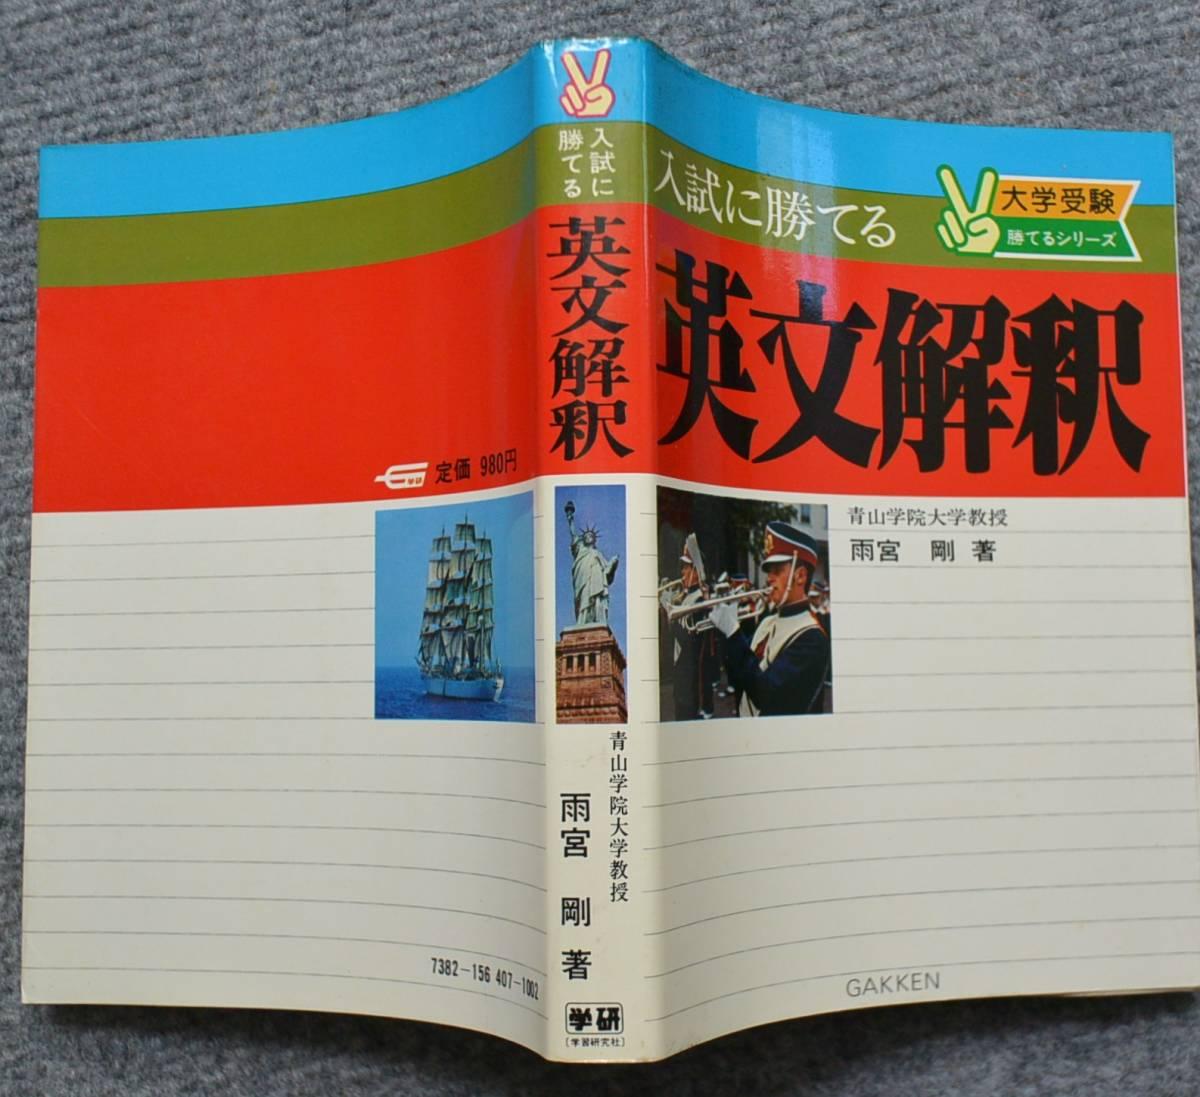 入試に勝てる英文解釈 雨宮剛著 学研 大学受験勝てるシリーズ 昭和53年2刷